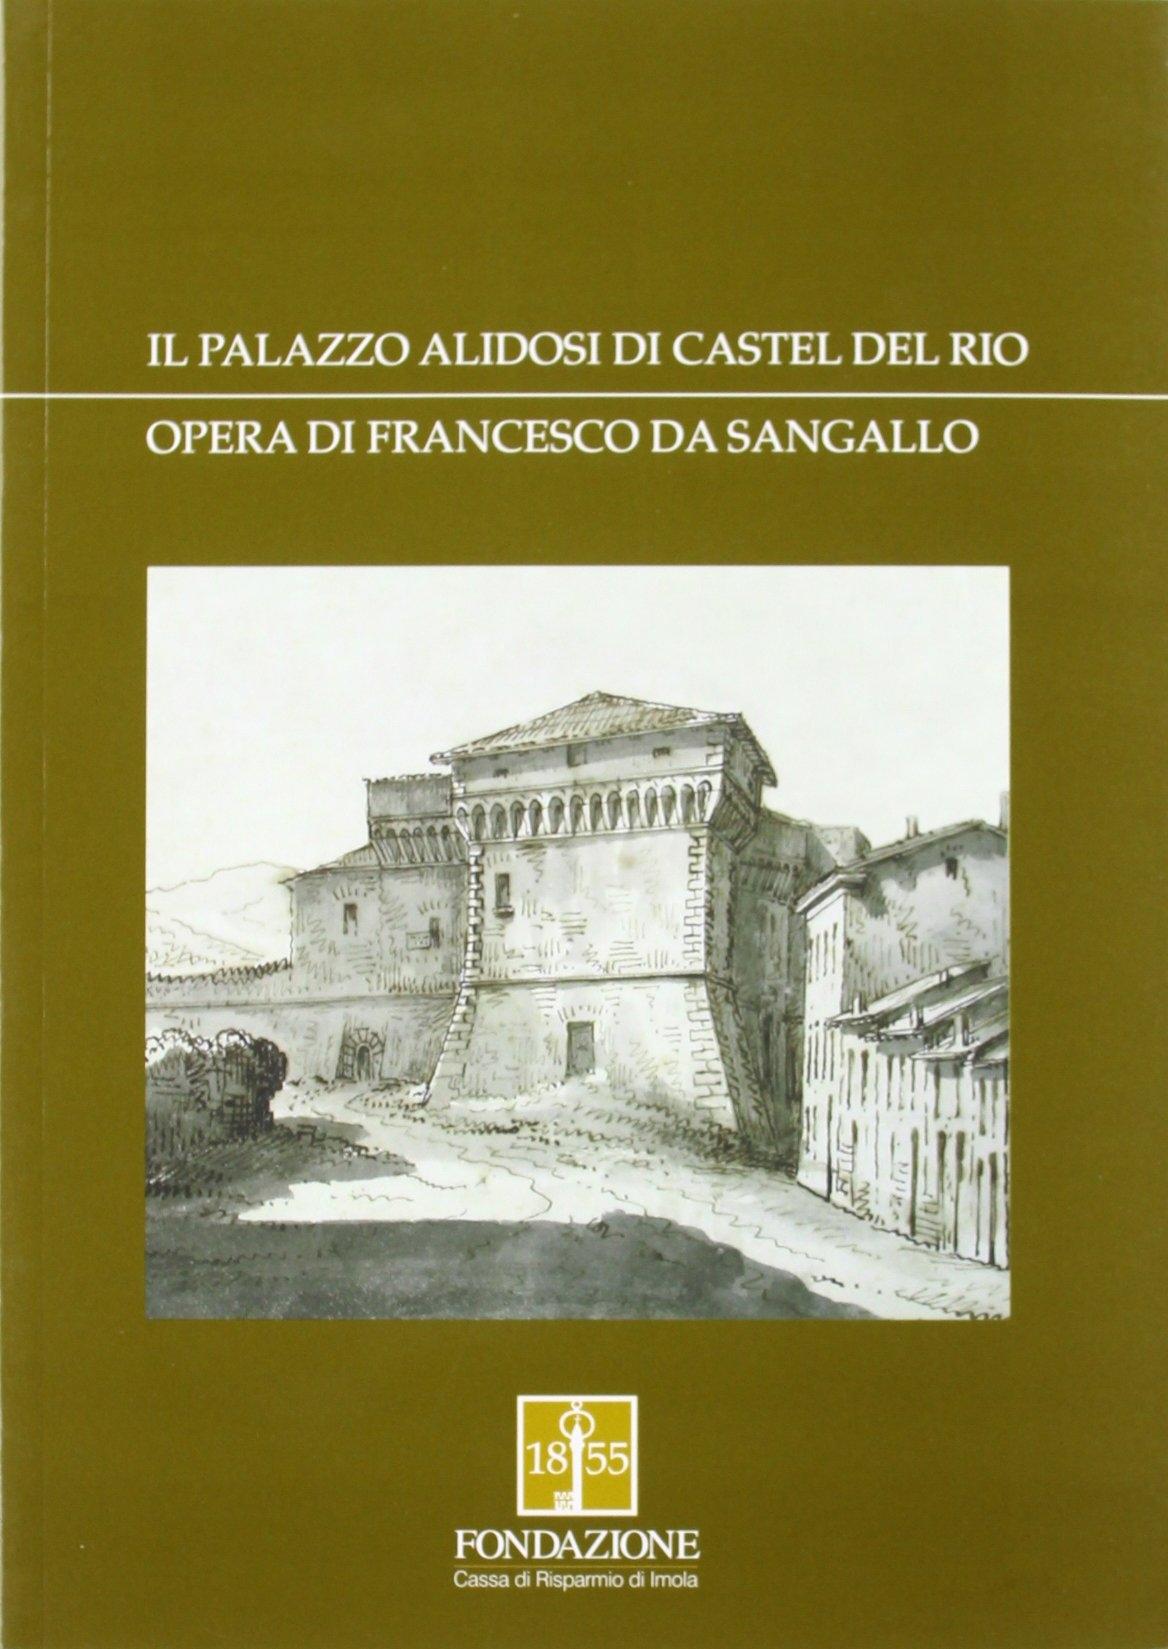 Il palazzo Alidosi di Castel del Rio. Opera di Francesco da Sangallo